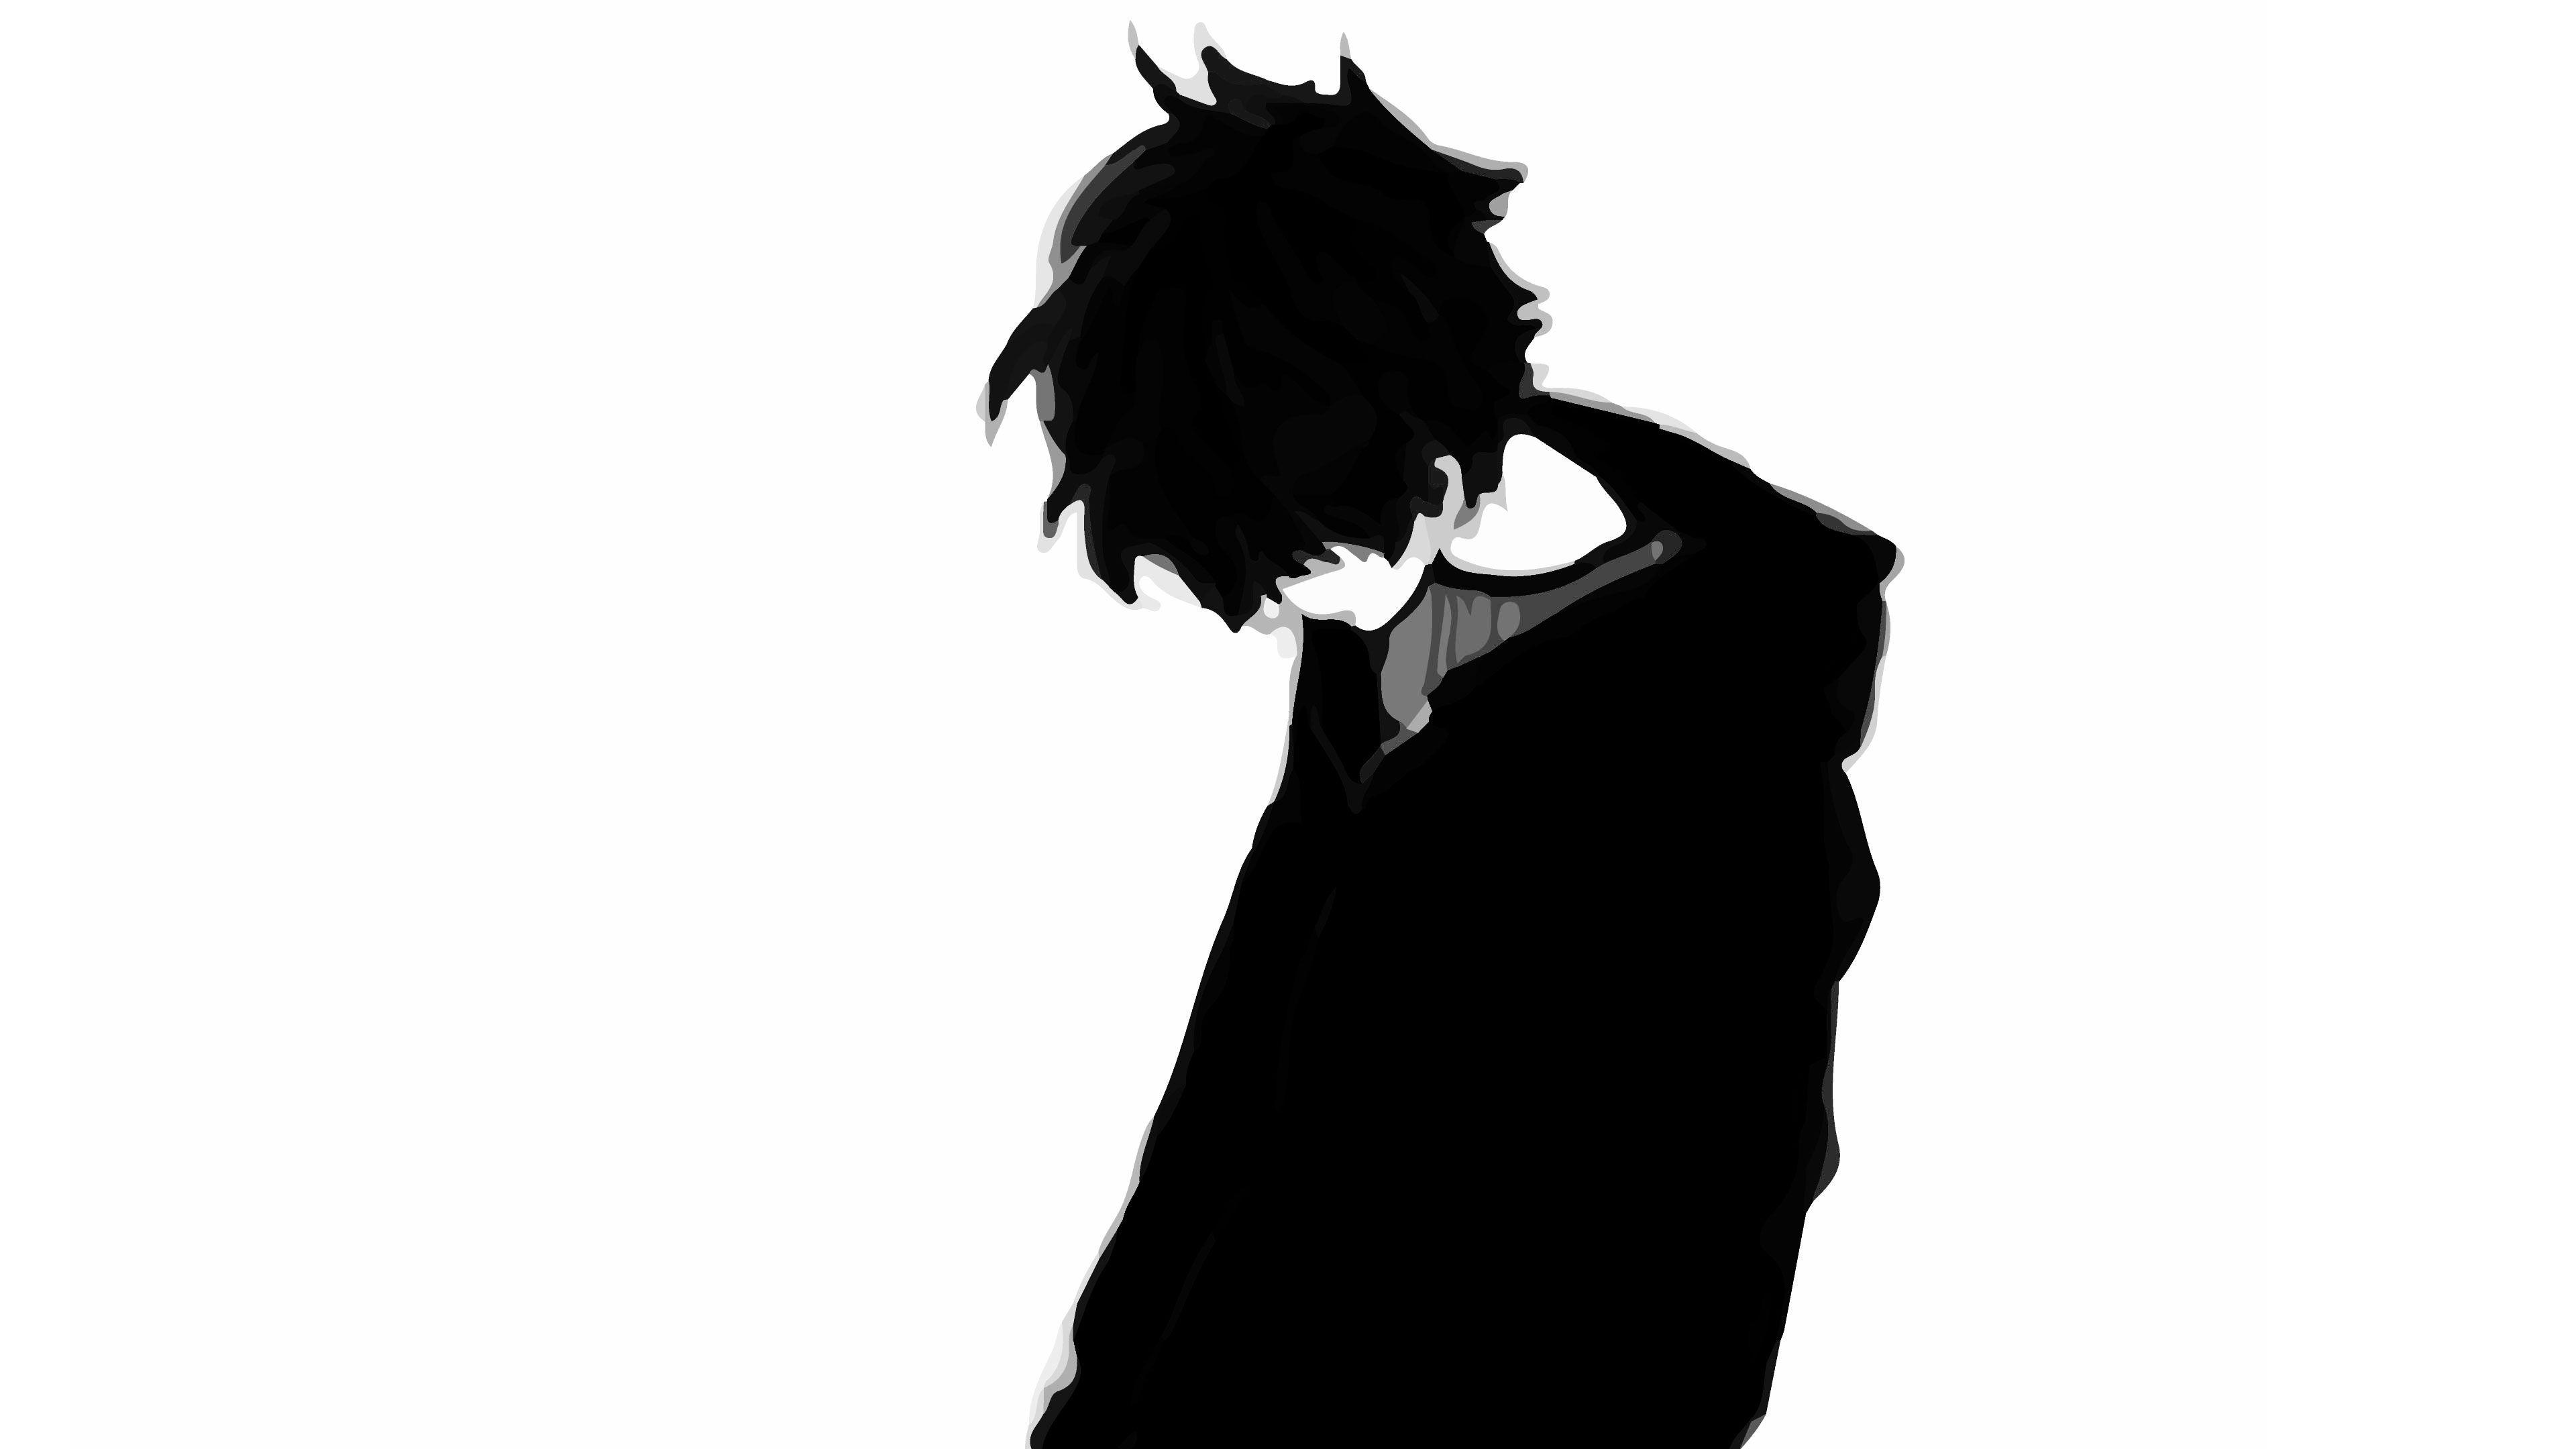 Anime Crying Sad Boy 3840x2160 Wallpaper Teahub Io